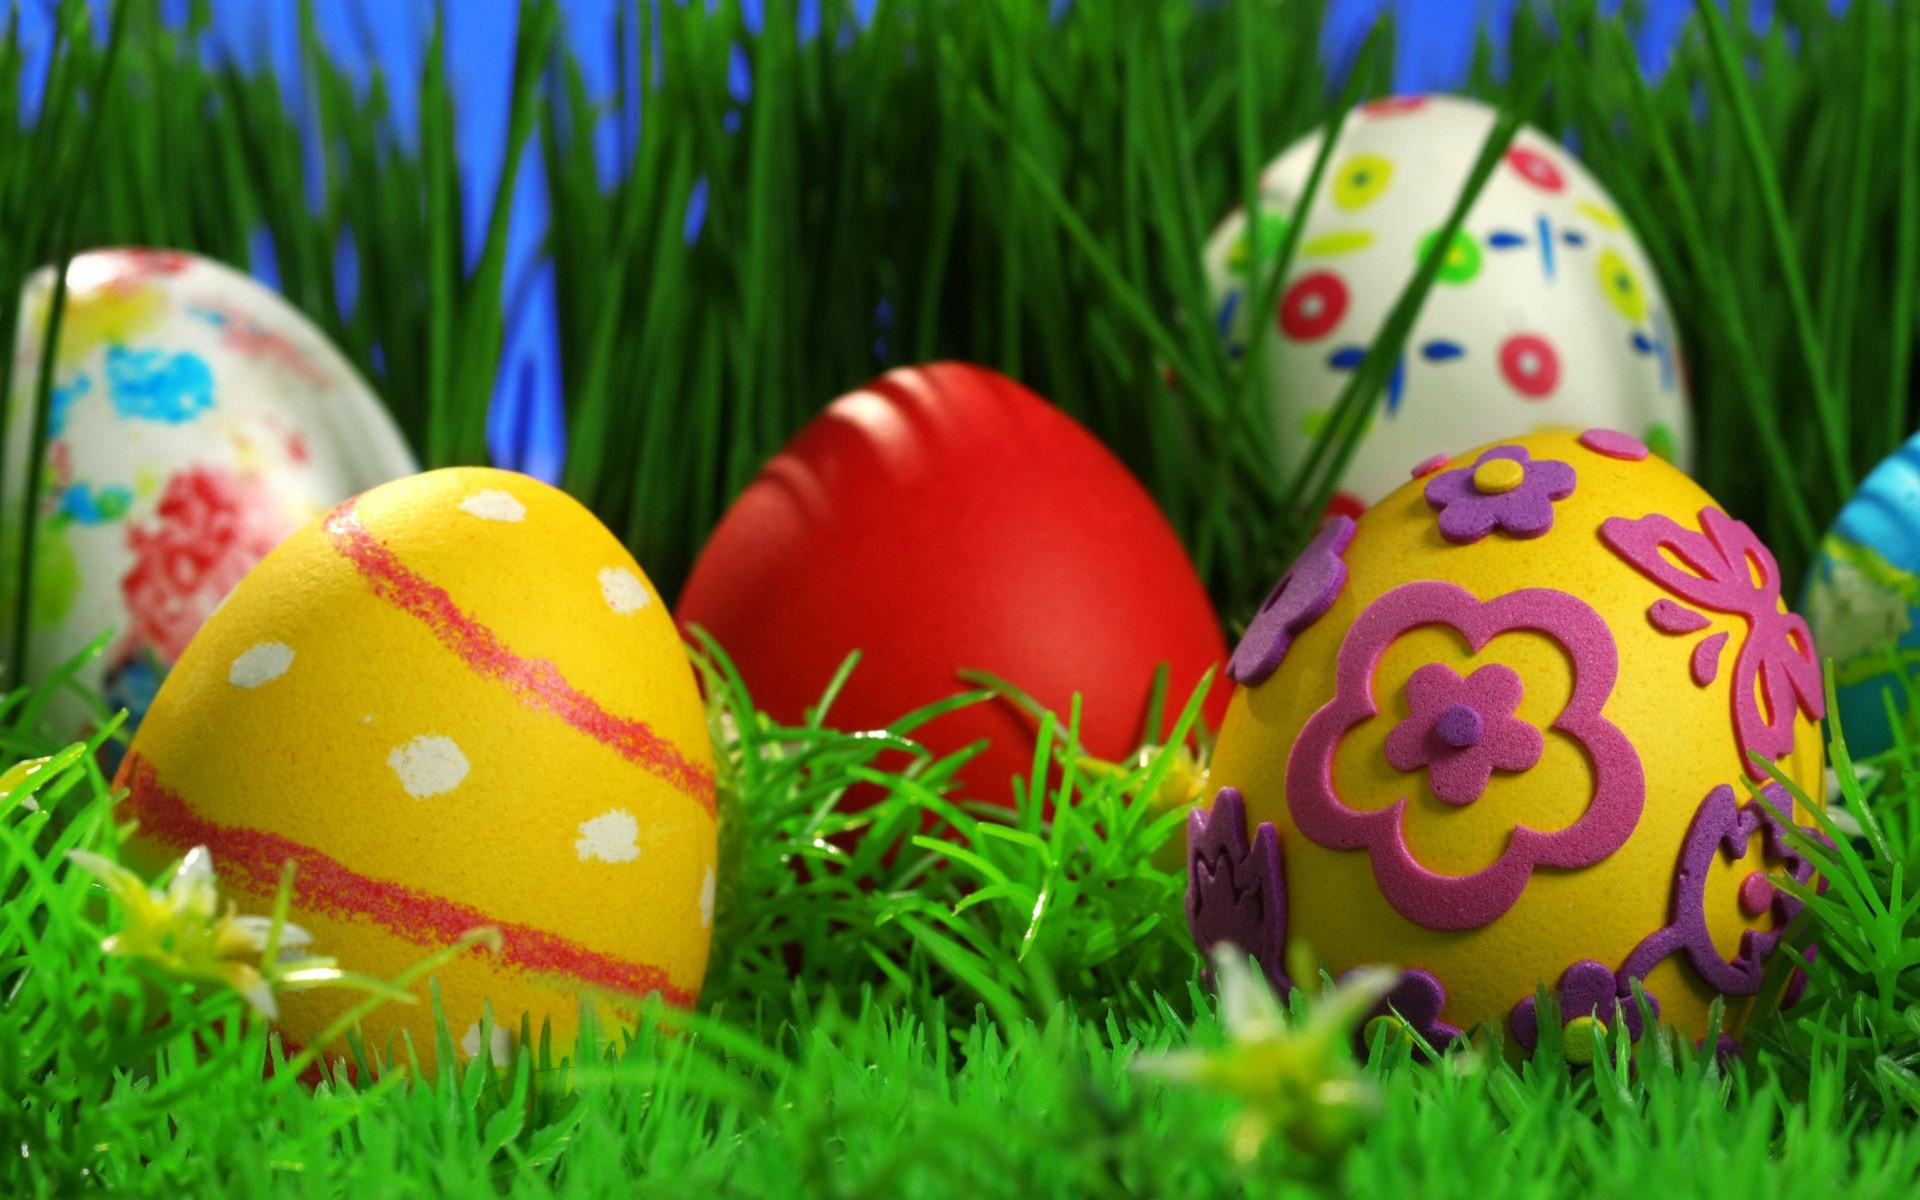 Video uova di pasqua senza stampo blog agenzia stella - Uova di pasqua decorati ...